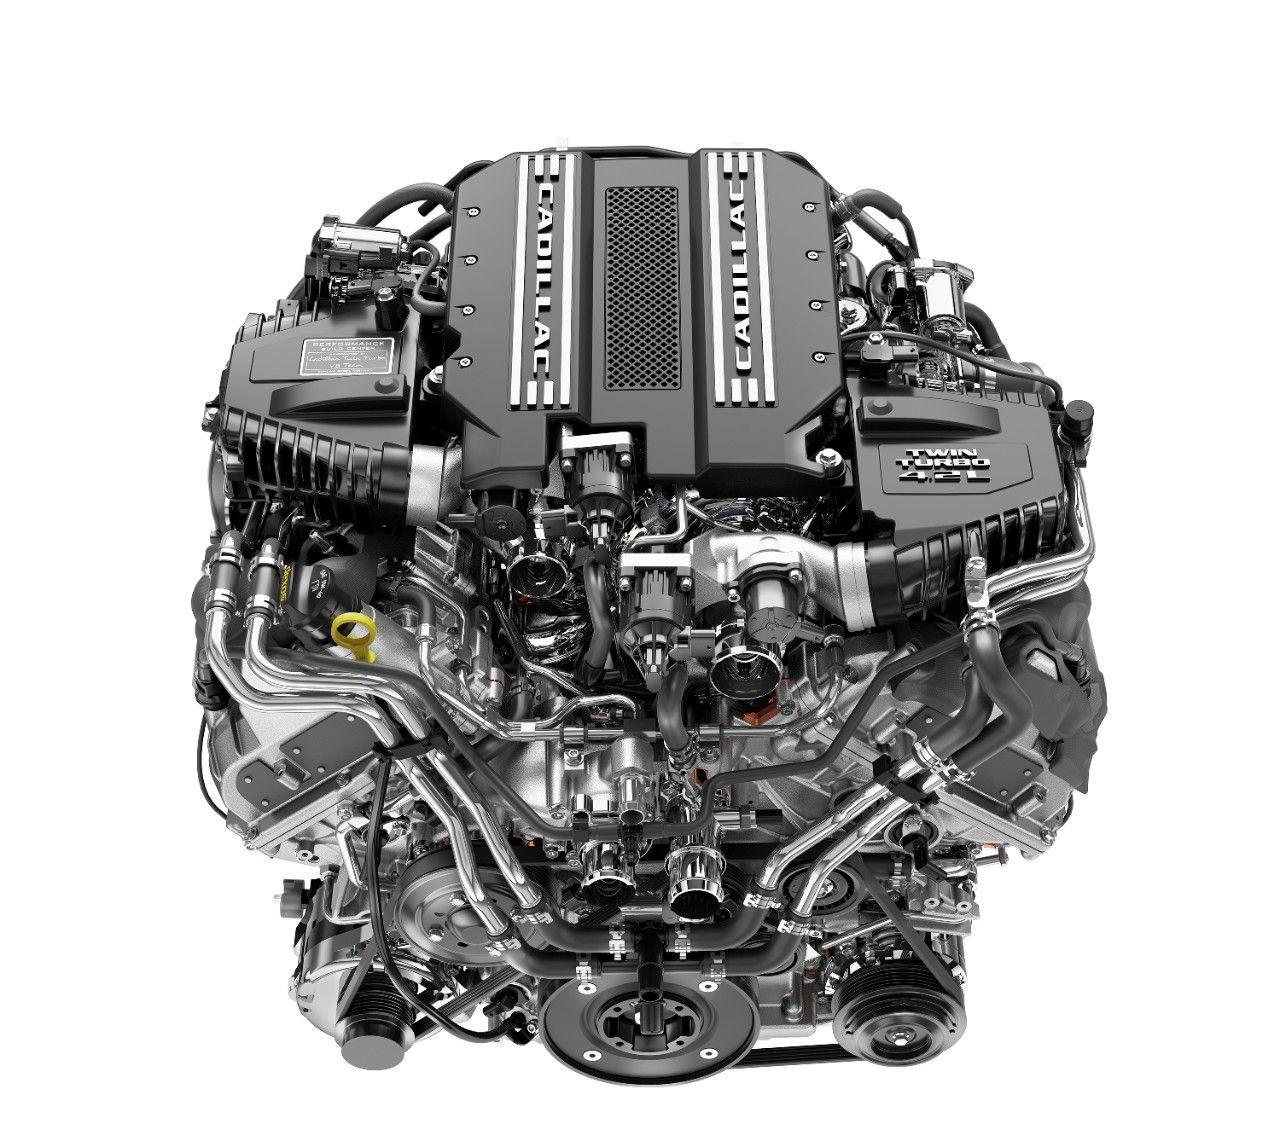 General motors v8 engine